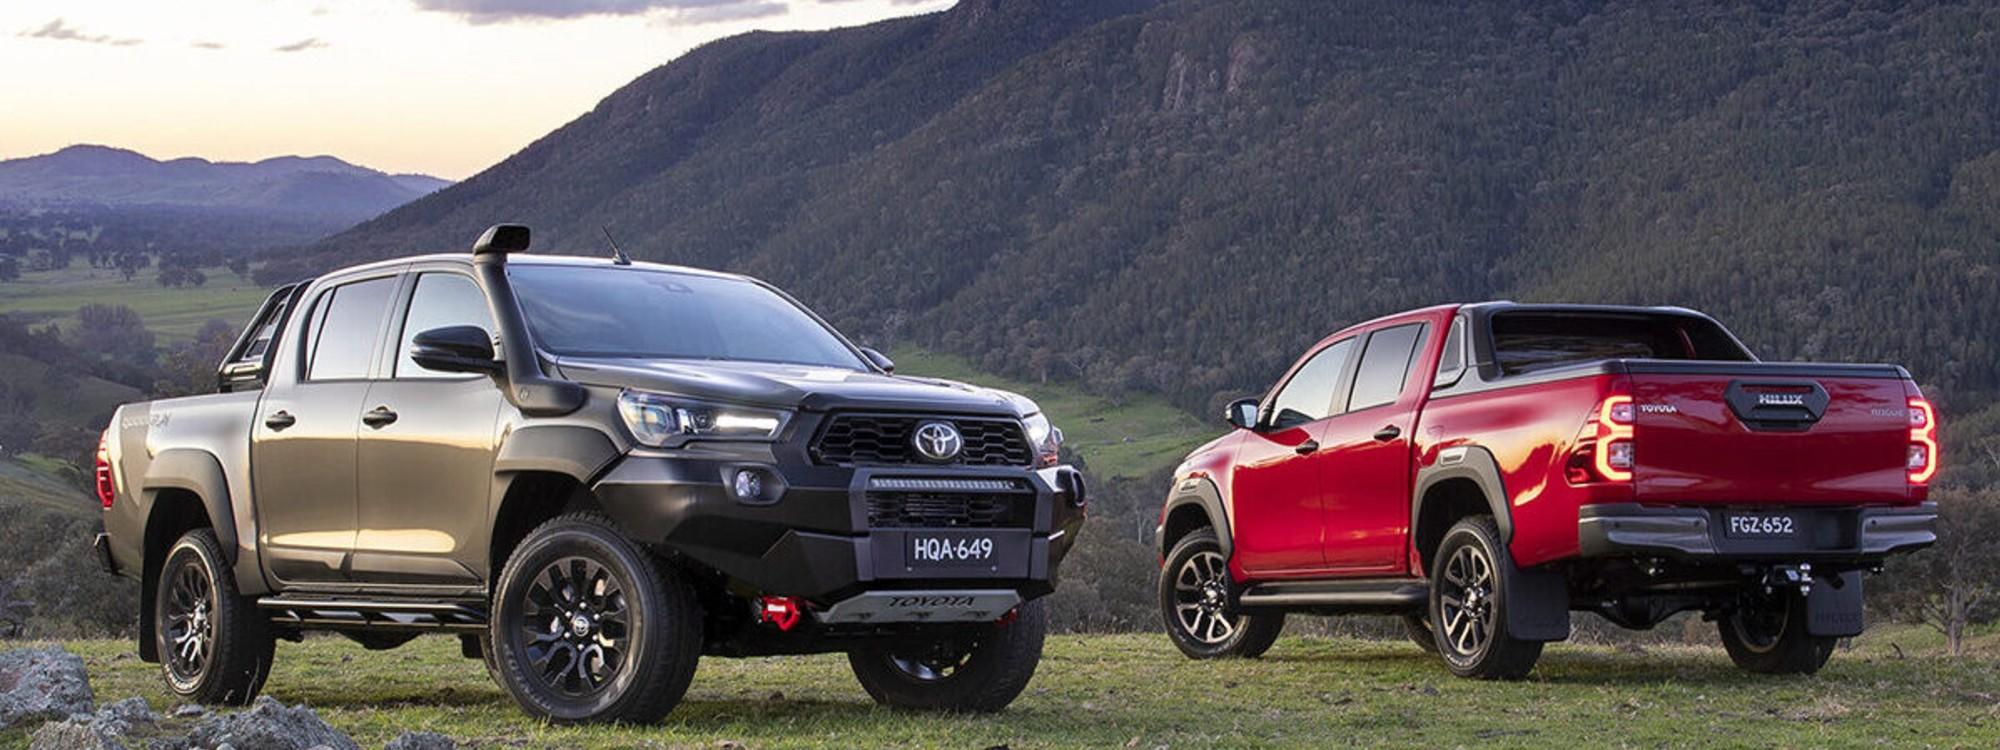 La Toyota Hilux Hybrid se presentará el año que viene